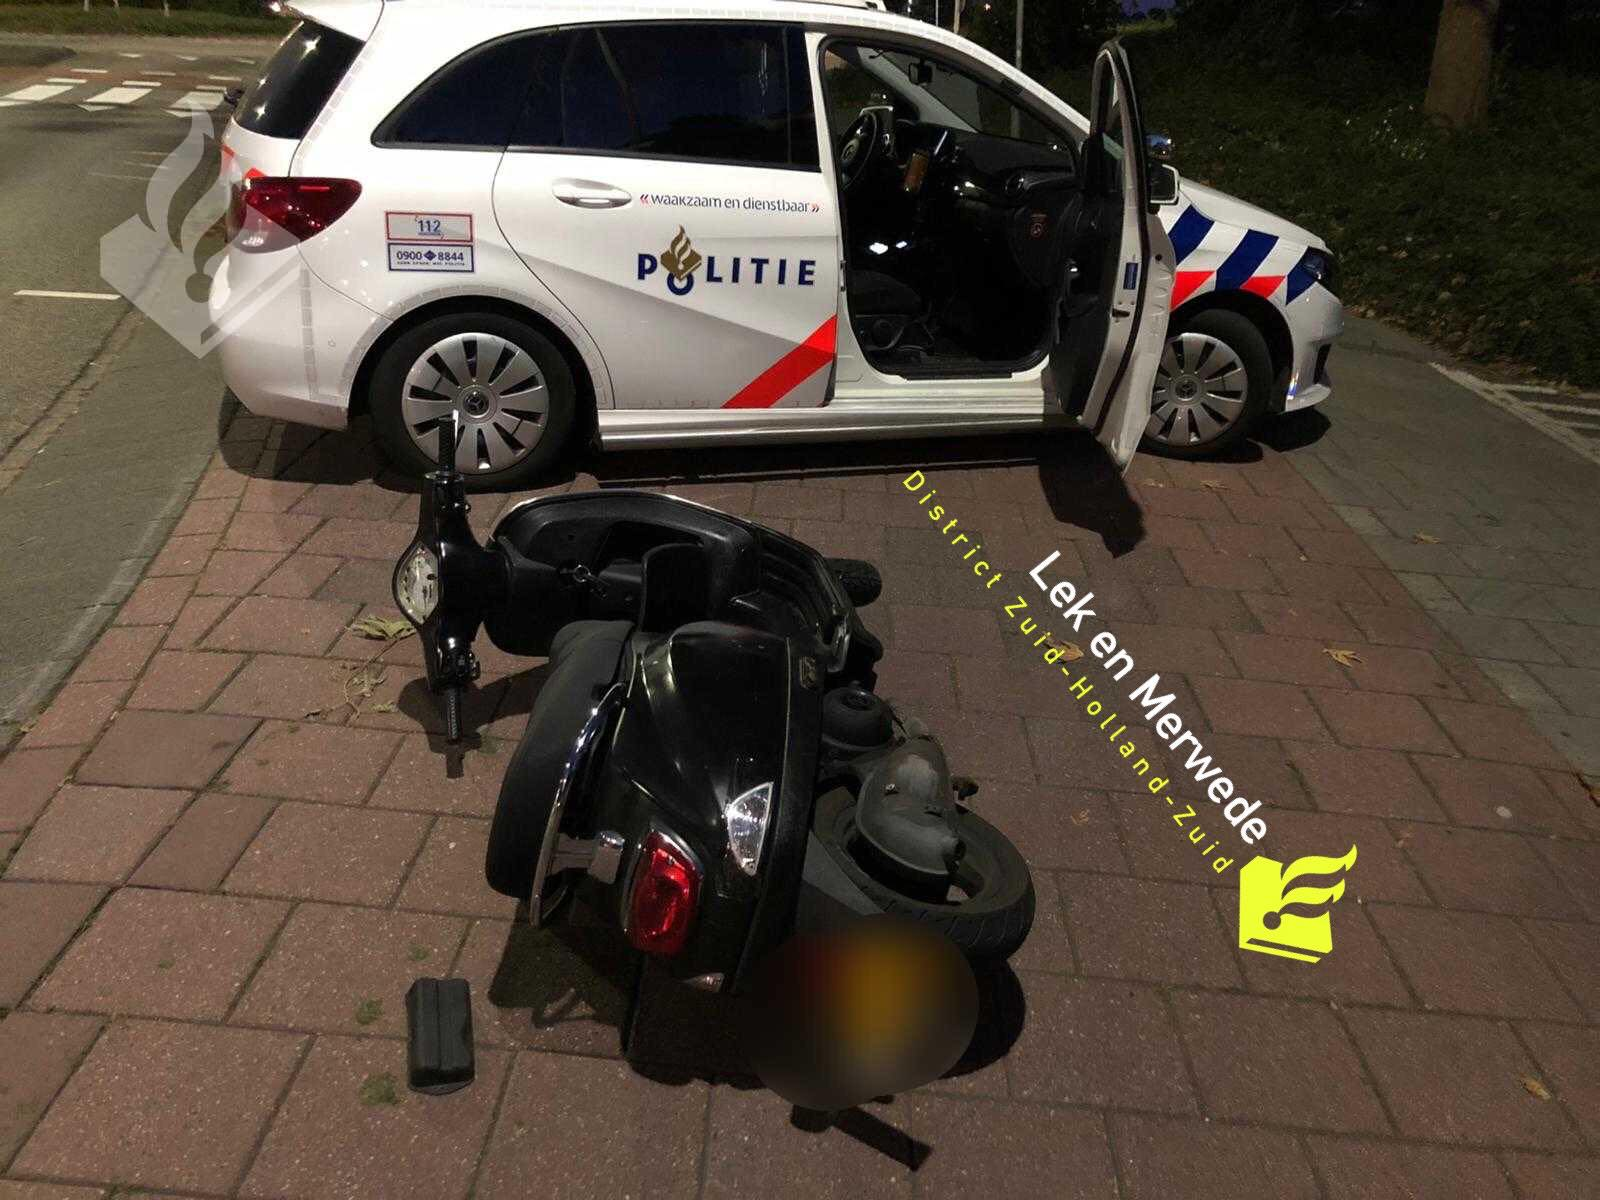 Achtervolging van een scooter met gestolen kenteken